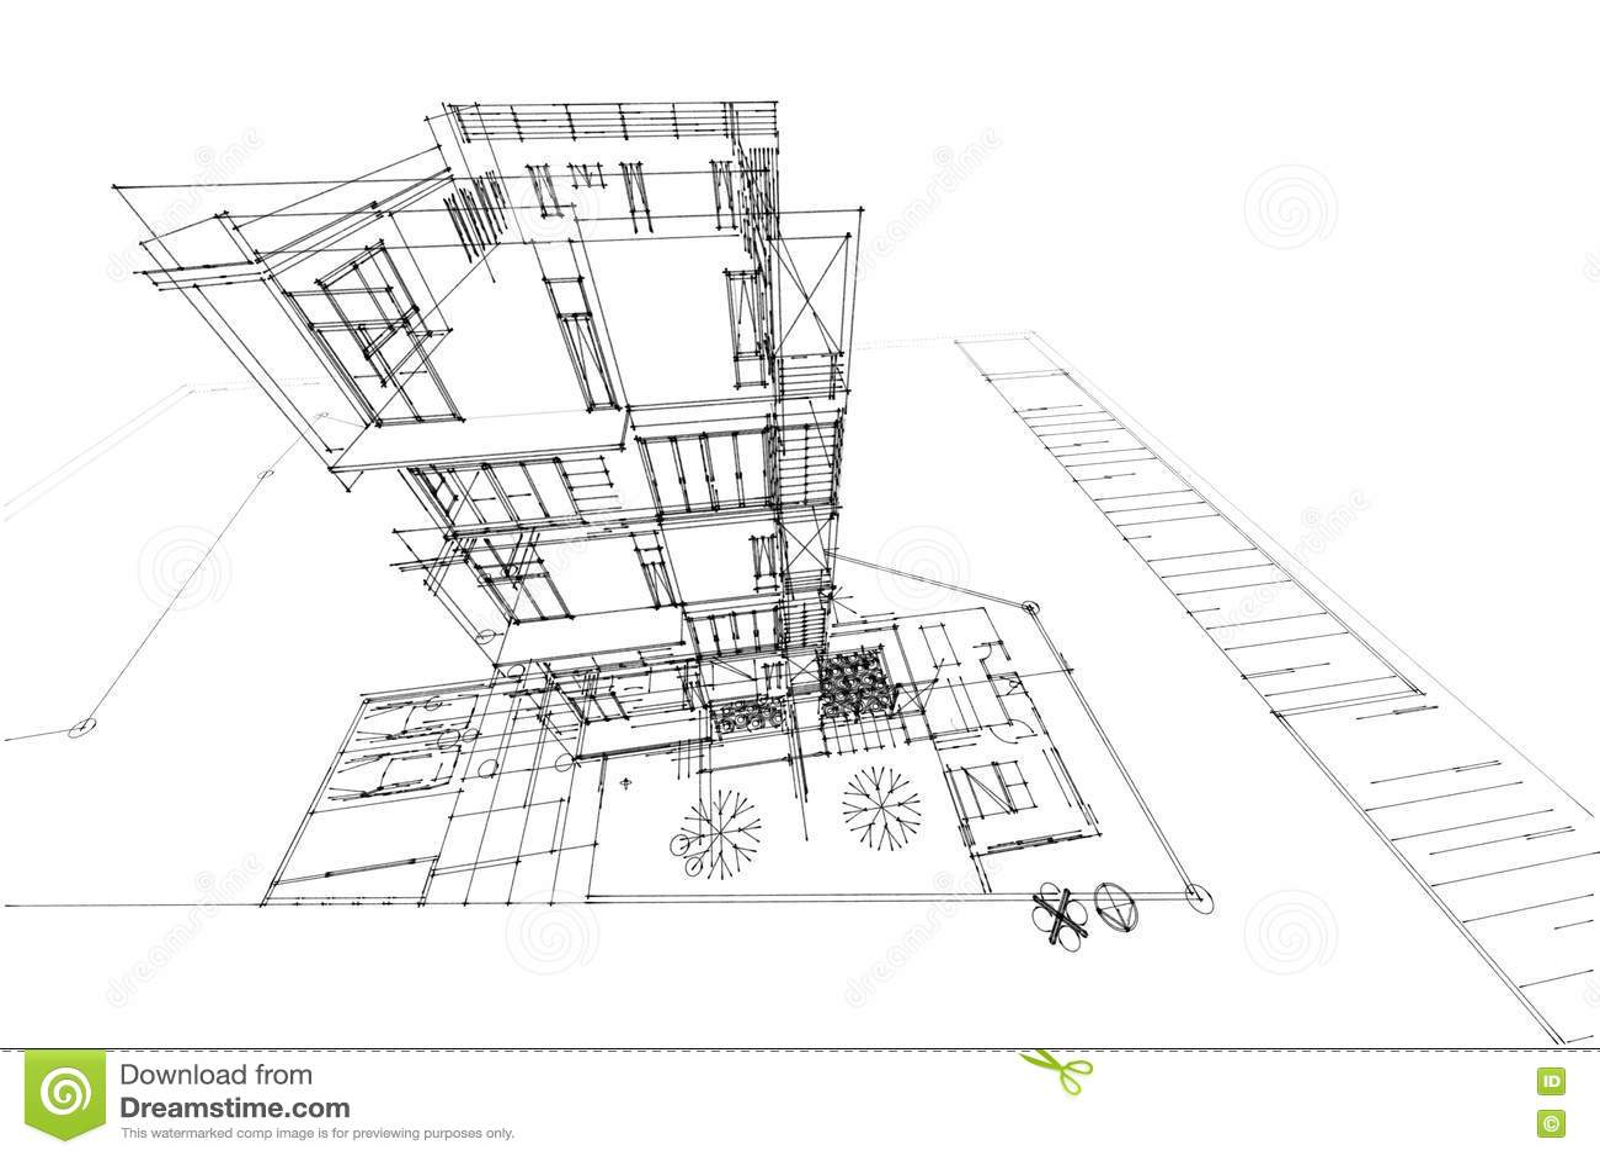 Architecture Drawing Condominium 3d Illustration Stock